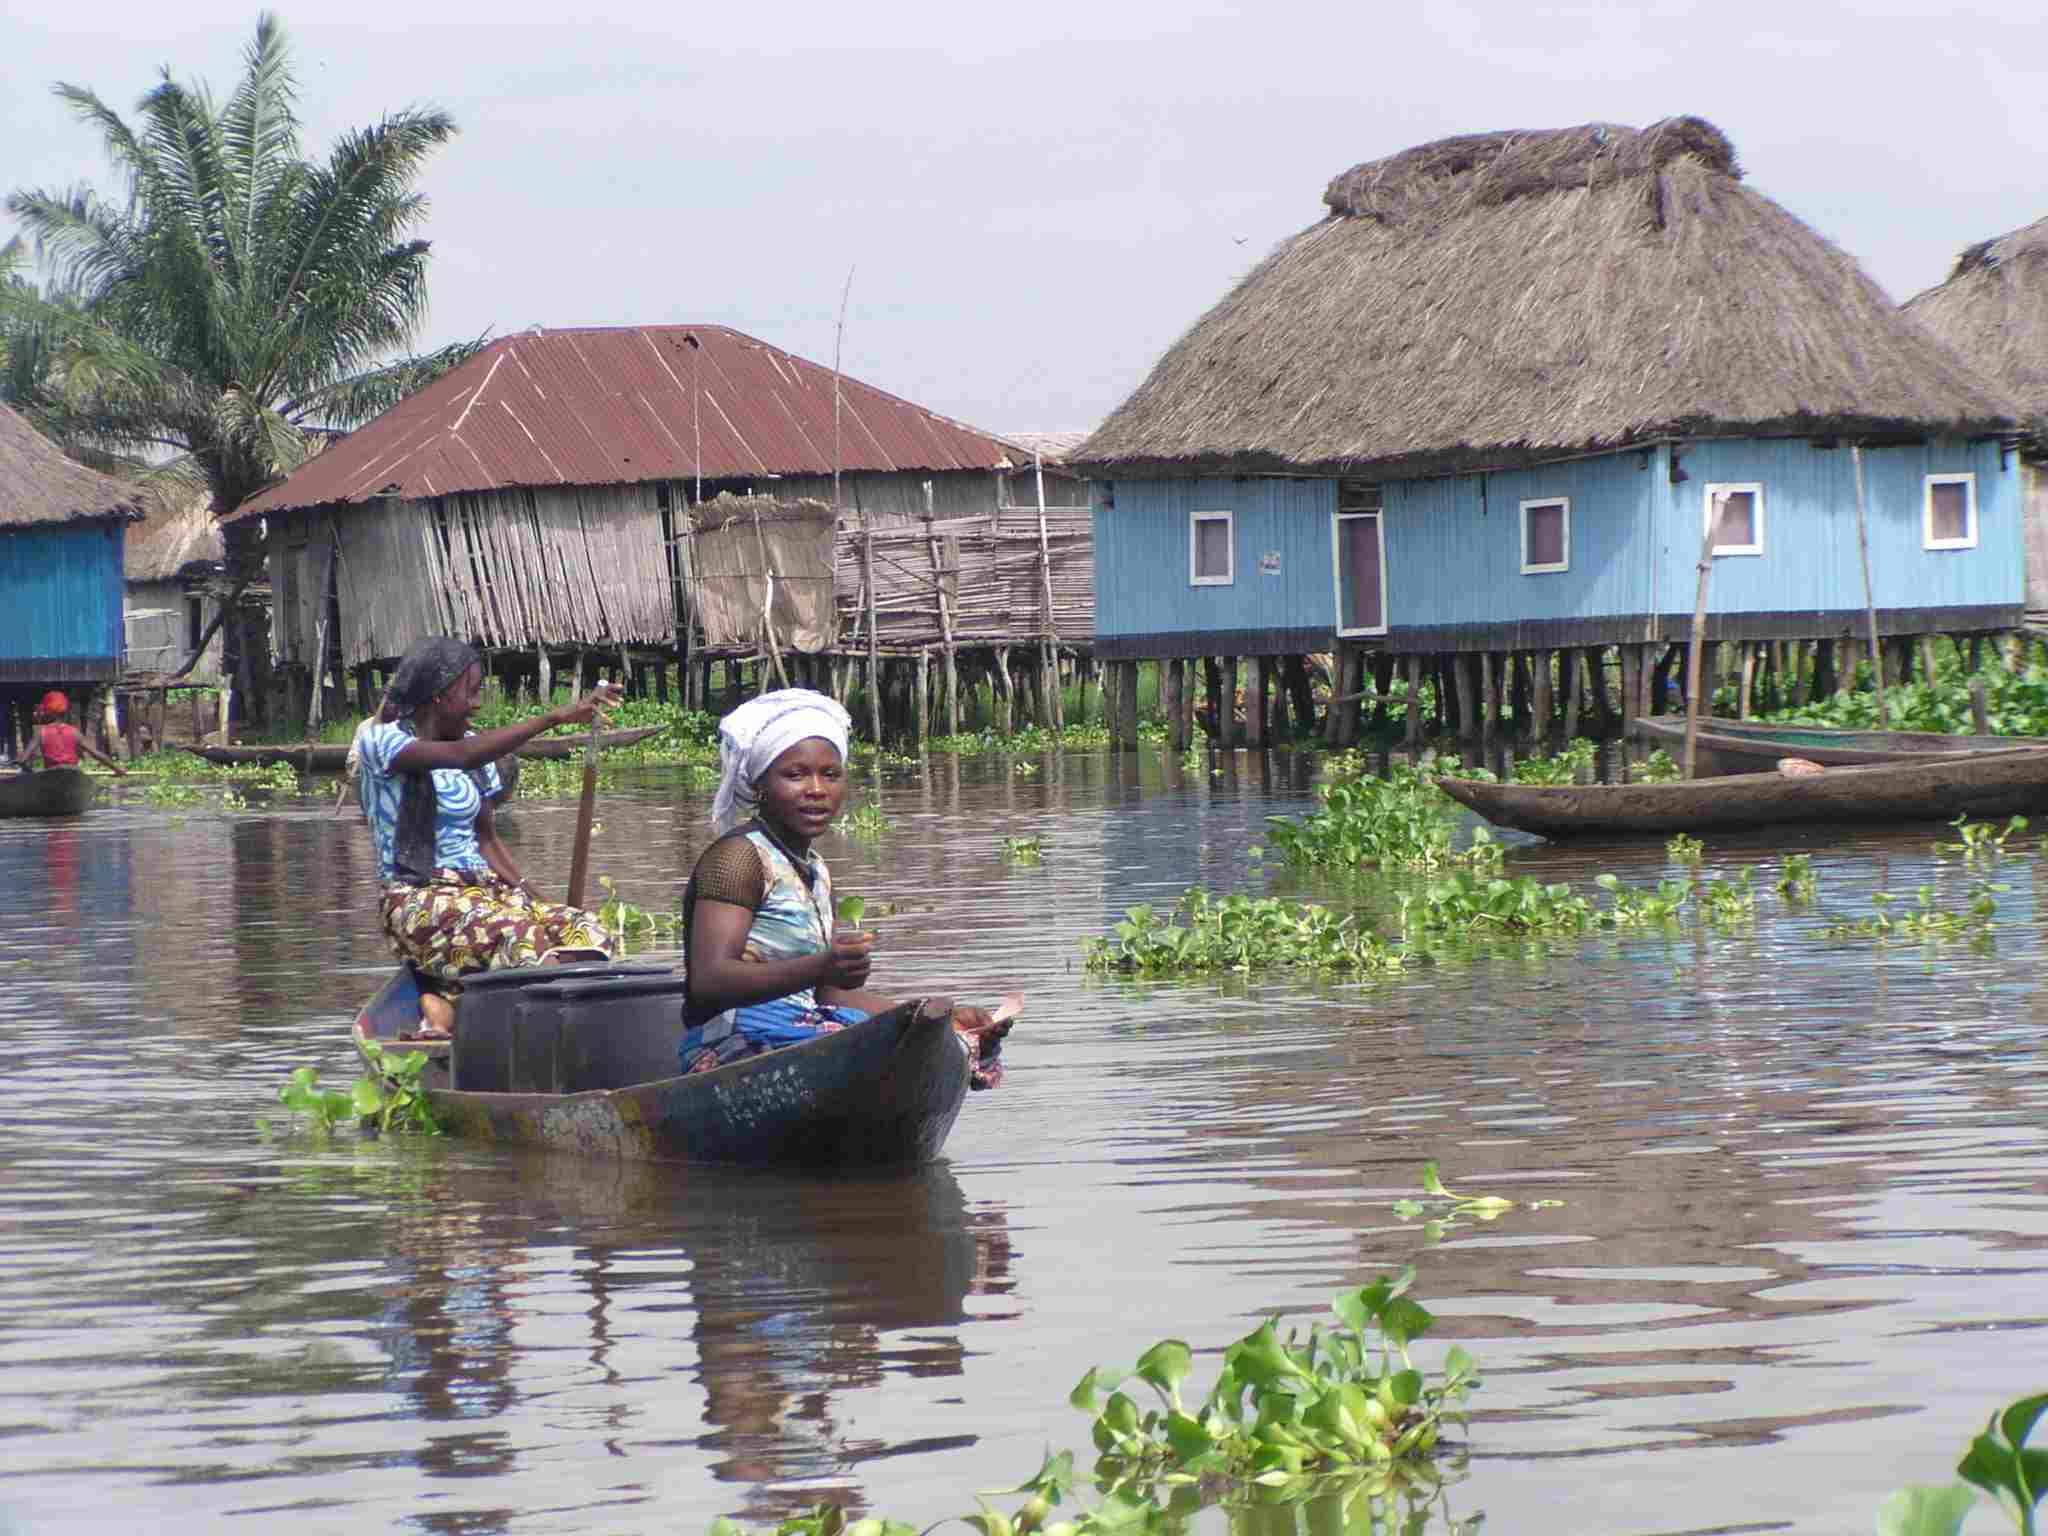 Genvie, Benin, West Africa